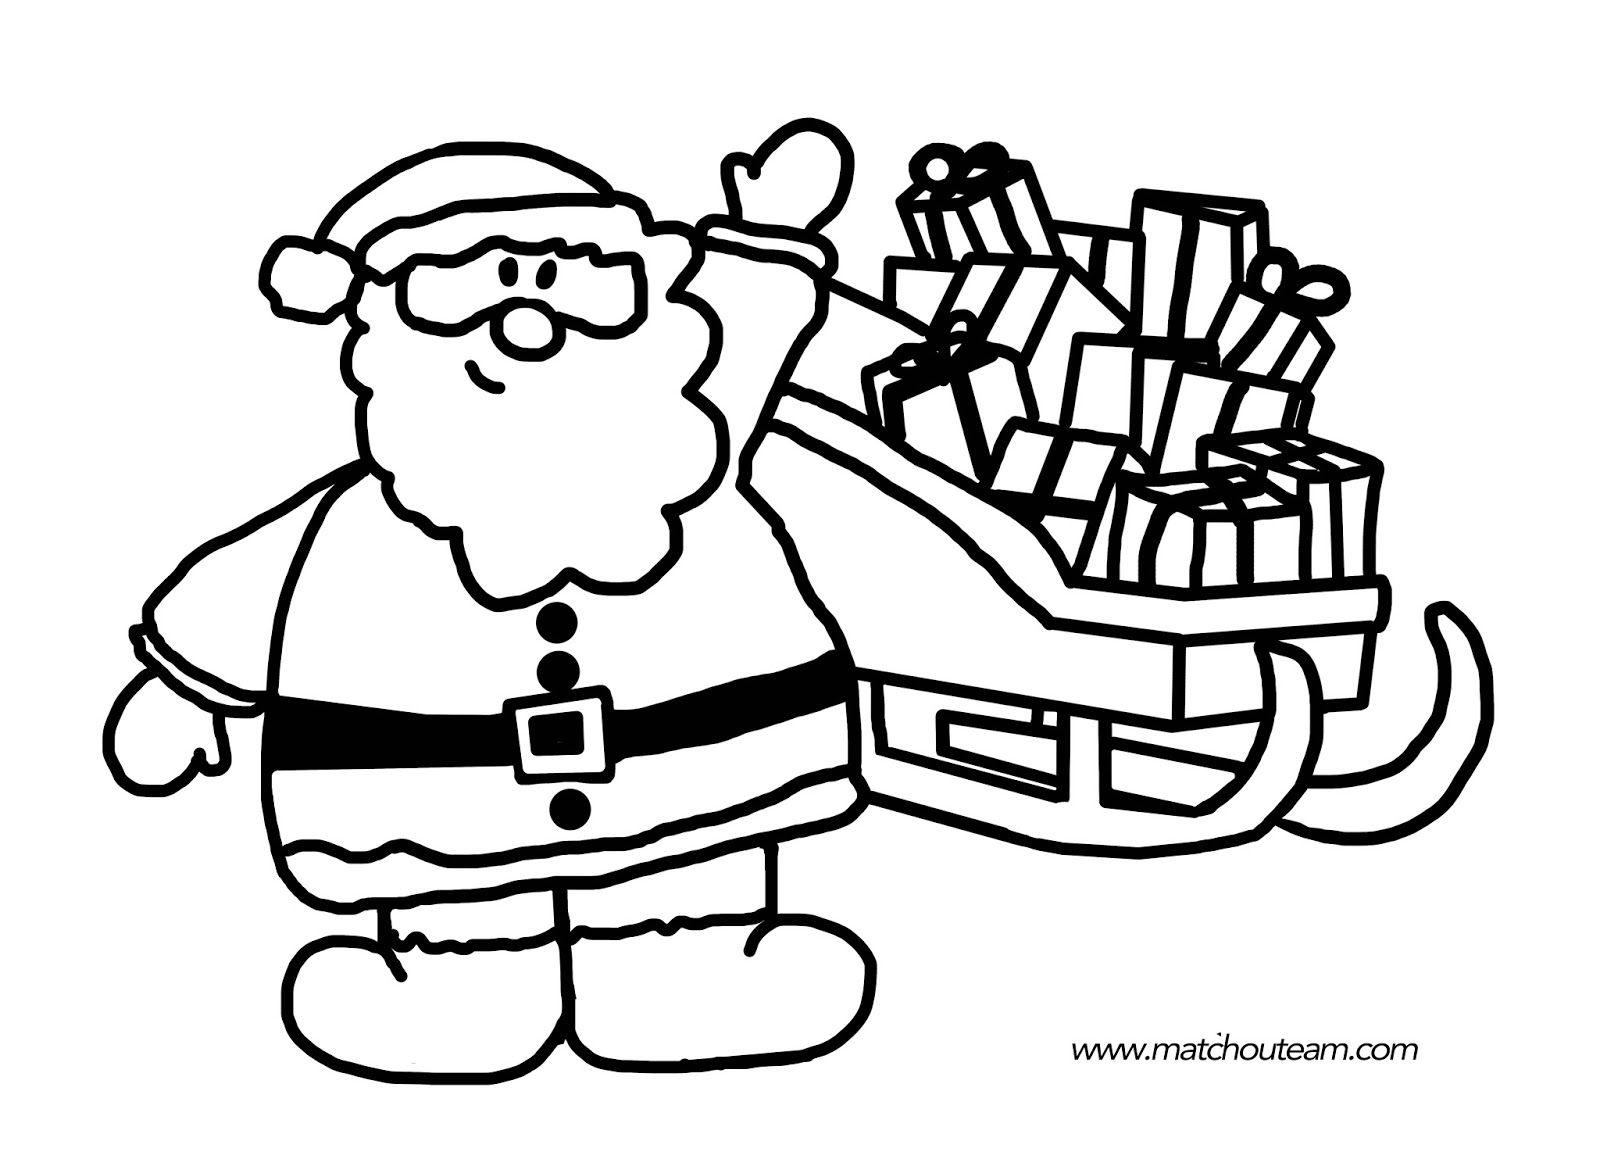 Ma Tchou team: Coloriages et jeux pour Noël | Coloriage noel, Jeux